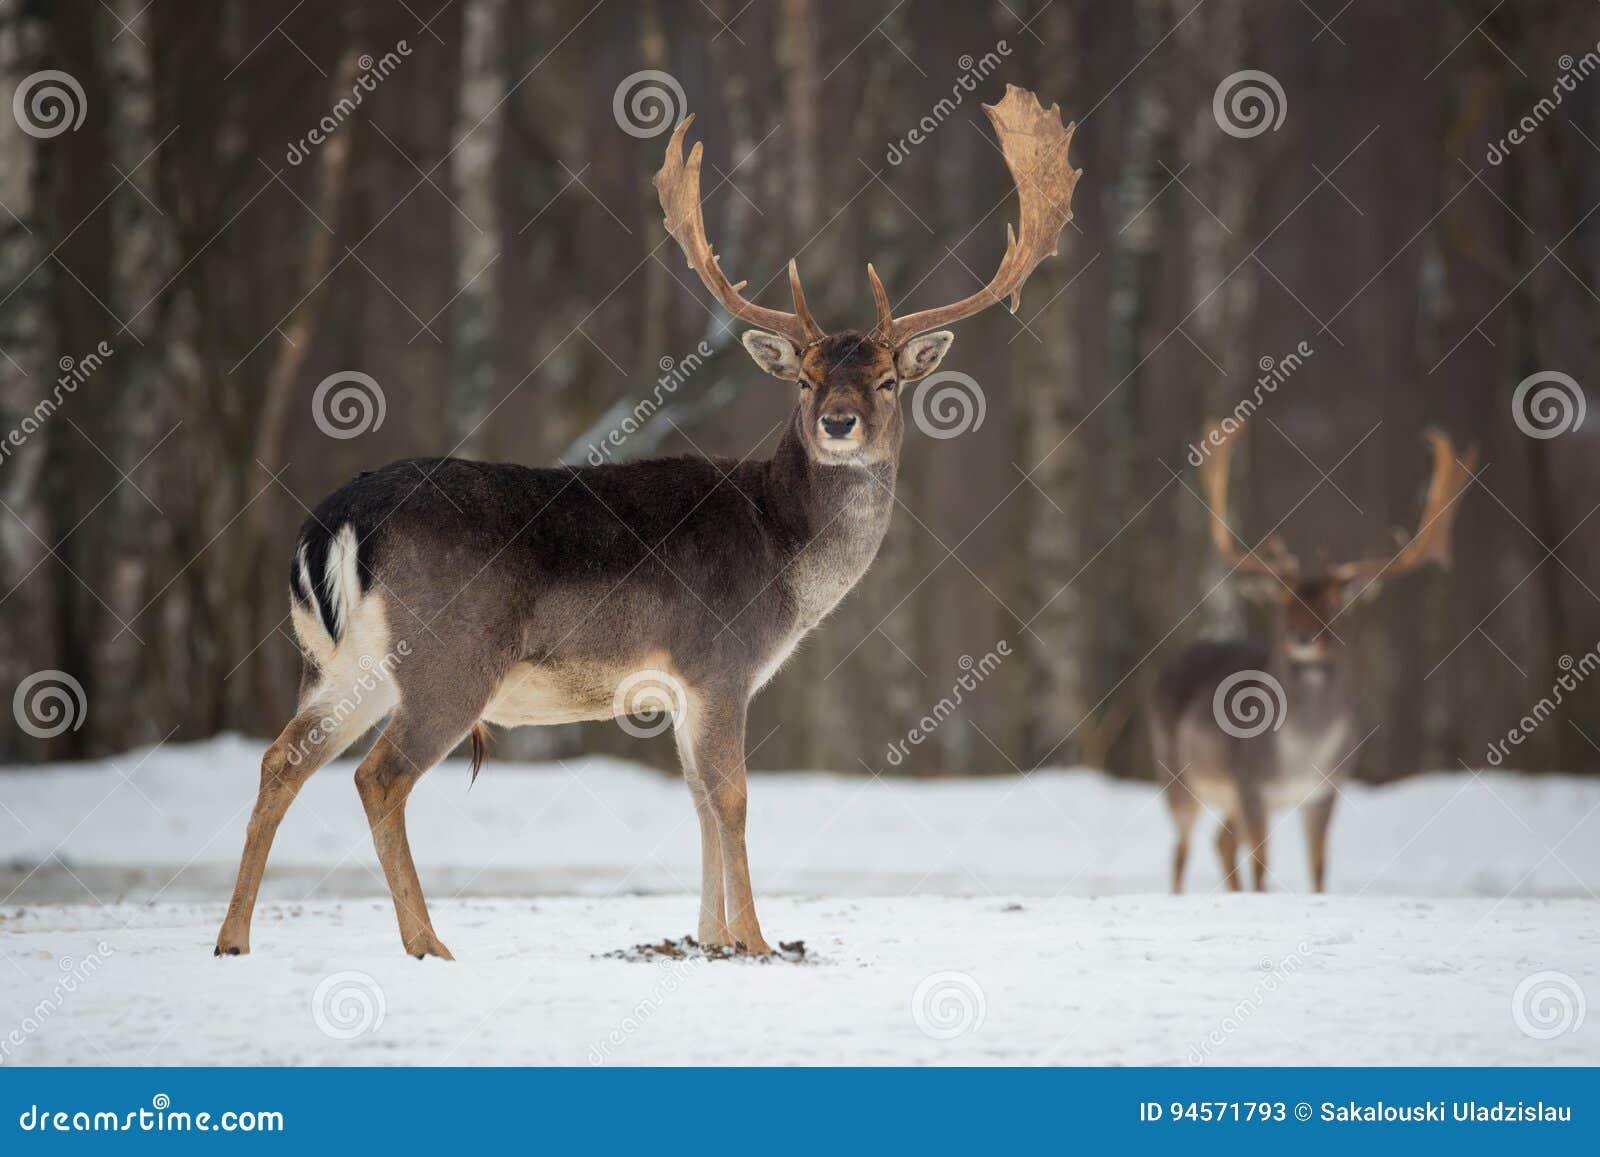 Ελάφια αγραναπαύσεων buck Μεγαλοπρεπή ισχυρά ενήλικα ελάφια αγραναπαύσεων, dama Dama, στο χειμερινό δάσος, Λευκορωσία Σκηνή άγρια